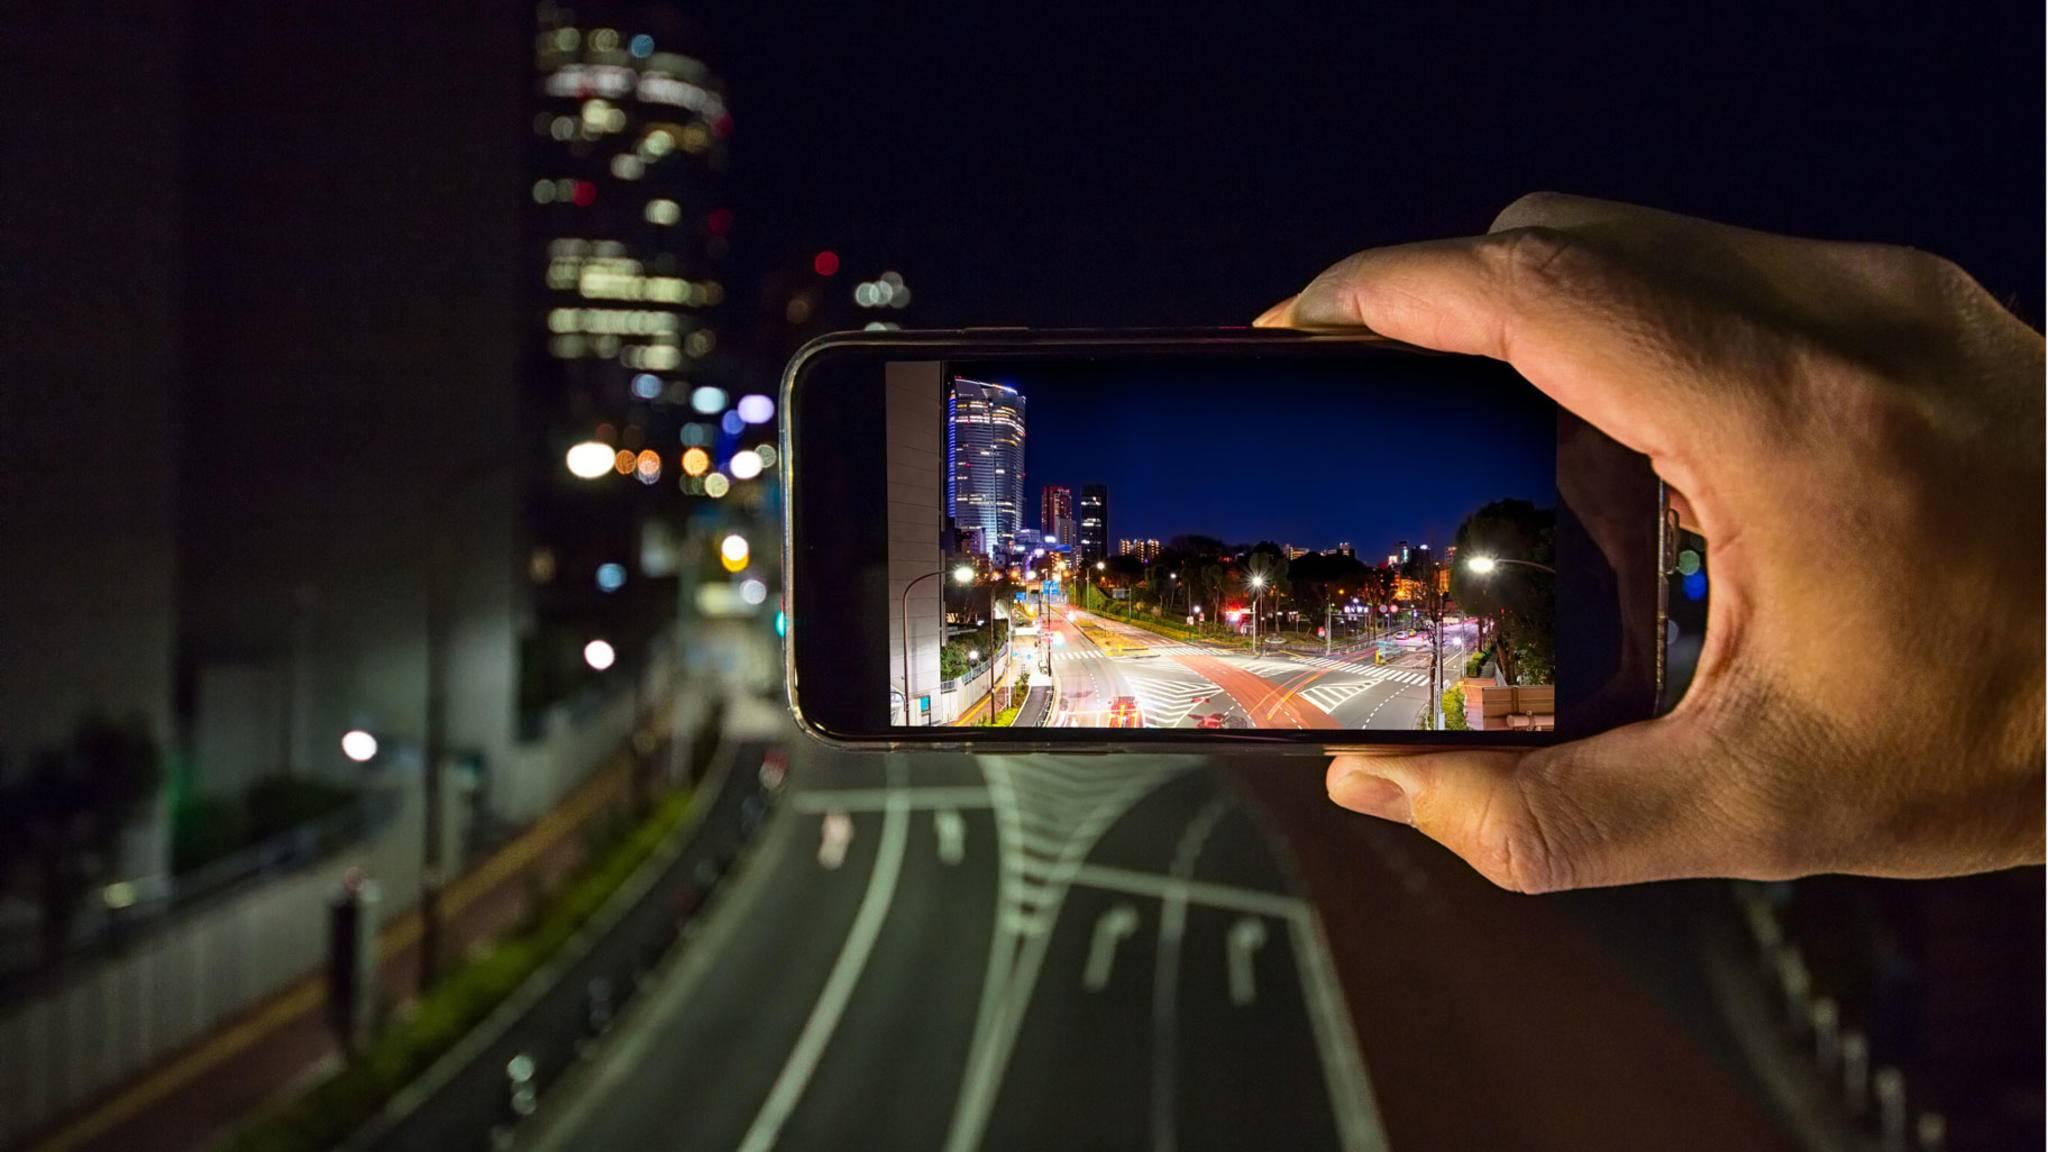 Wer mit dem iPhone bei Dunkelheit gute Fotos knipsen will, muss einige Dinge beachten.